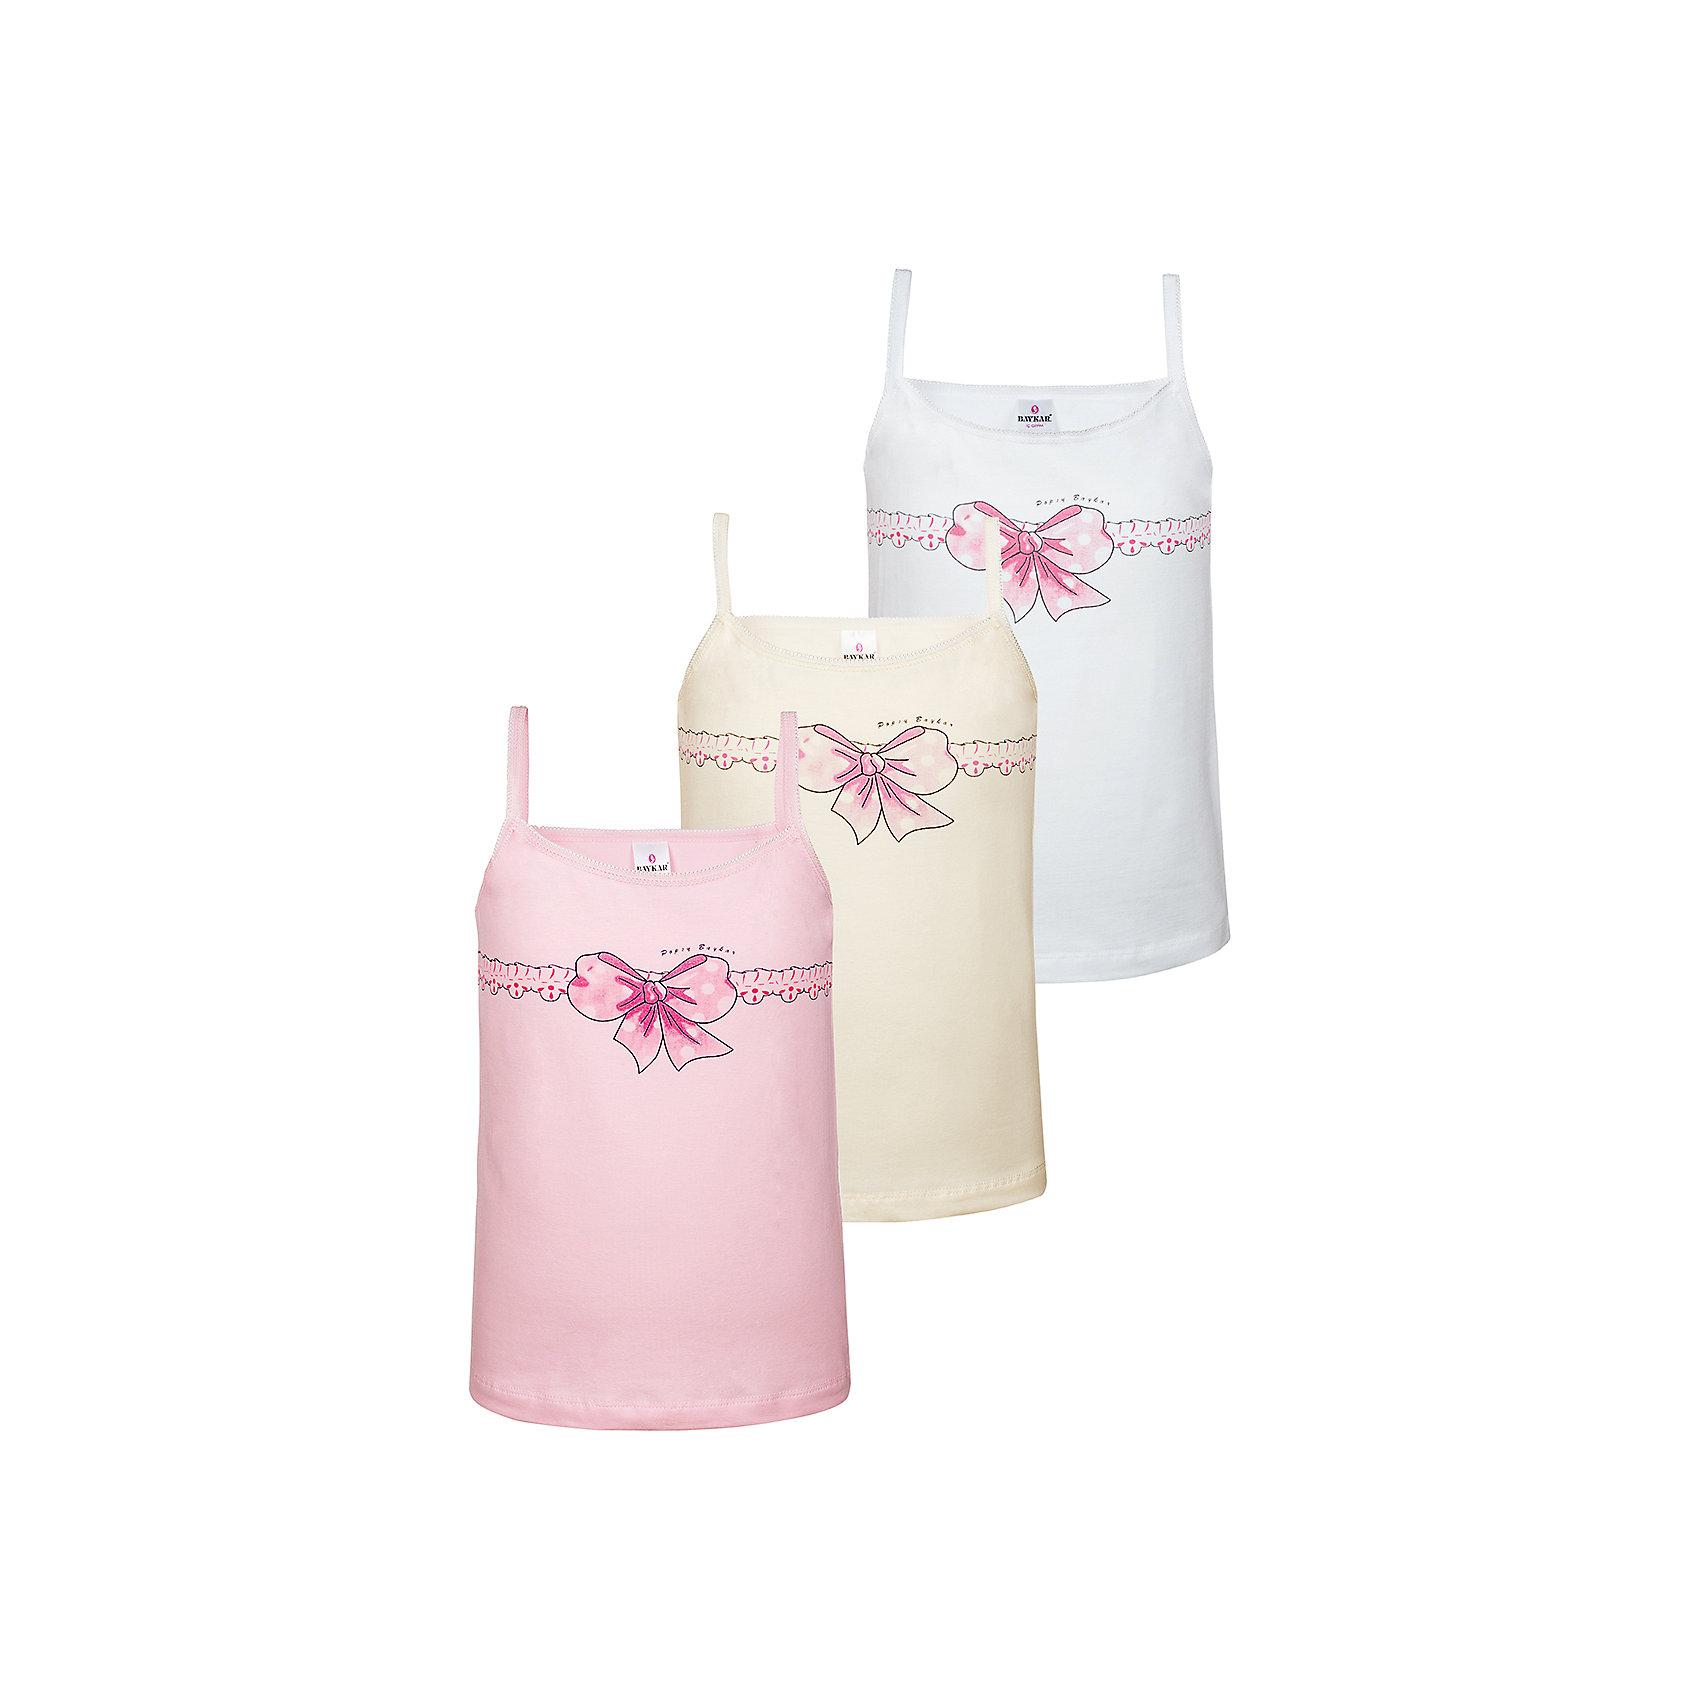 Майка (3 шт.) для девочки BaykarНижнее бельё<br>Характеристики товара:<br><br>• цвет: розовый, бежевый, белый<br>• состав ткани: 95% хлопок; 5% эластан<br>• комплектация: 3 шт<br>• тонкие бретельки<br>• сезон: круглый год<br>• страна бренда: Турция<br>• страна изготовитель: Турция<br><br>Удобное нижнее белье для девочки Baykar долго служит и отлично выдерживает много стирок. Мягкая обработка краев обеспечивает комфортную посадку.<br><br>Качественные хлопковые майки декорированы симпатичным принтом. Набор из трех маек для девочки Baykar - пример красивого и удобного нижнего белья. <br><br>Майку (3 шт.) для девочки Baykar (Байкар) можно купить в нашем интернет-магазине.<br><br>Ширина мм: 196<br>Глубина мм: 10<br>Высота мм: 154<br>Вес г: 152<br>Цвет: белый<br>Возраст от месяцев: 36<br>Возраст до месяцев: 48<br>Пол: Женский<br>Возраст: Детский<br>Размер: 98/104,134/140,110/116,122/128<br>SKU: 6763084